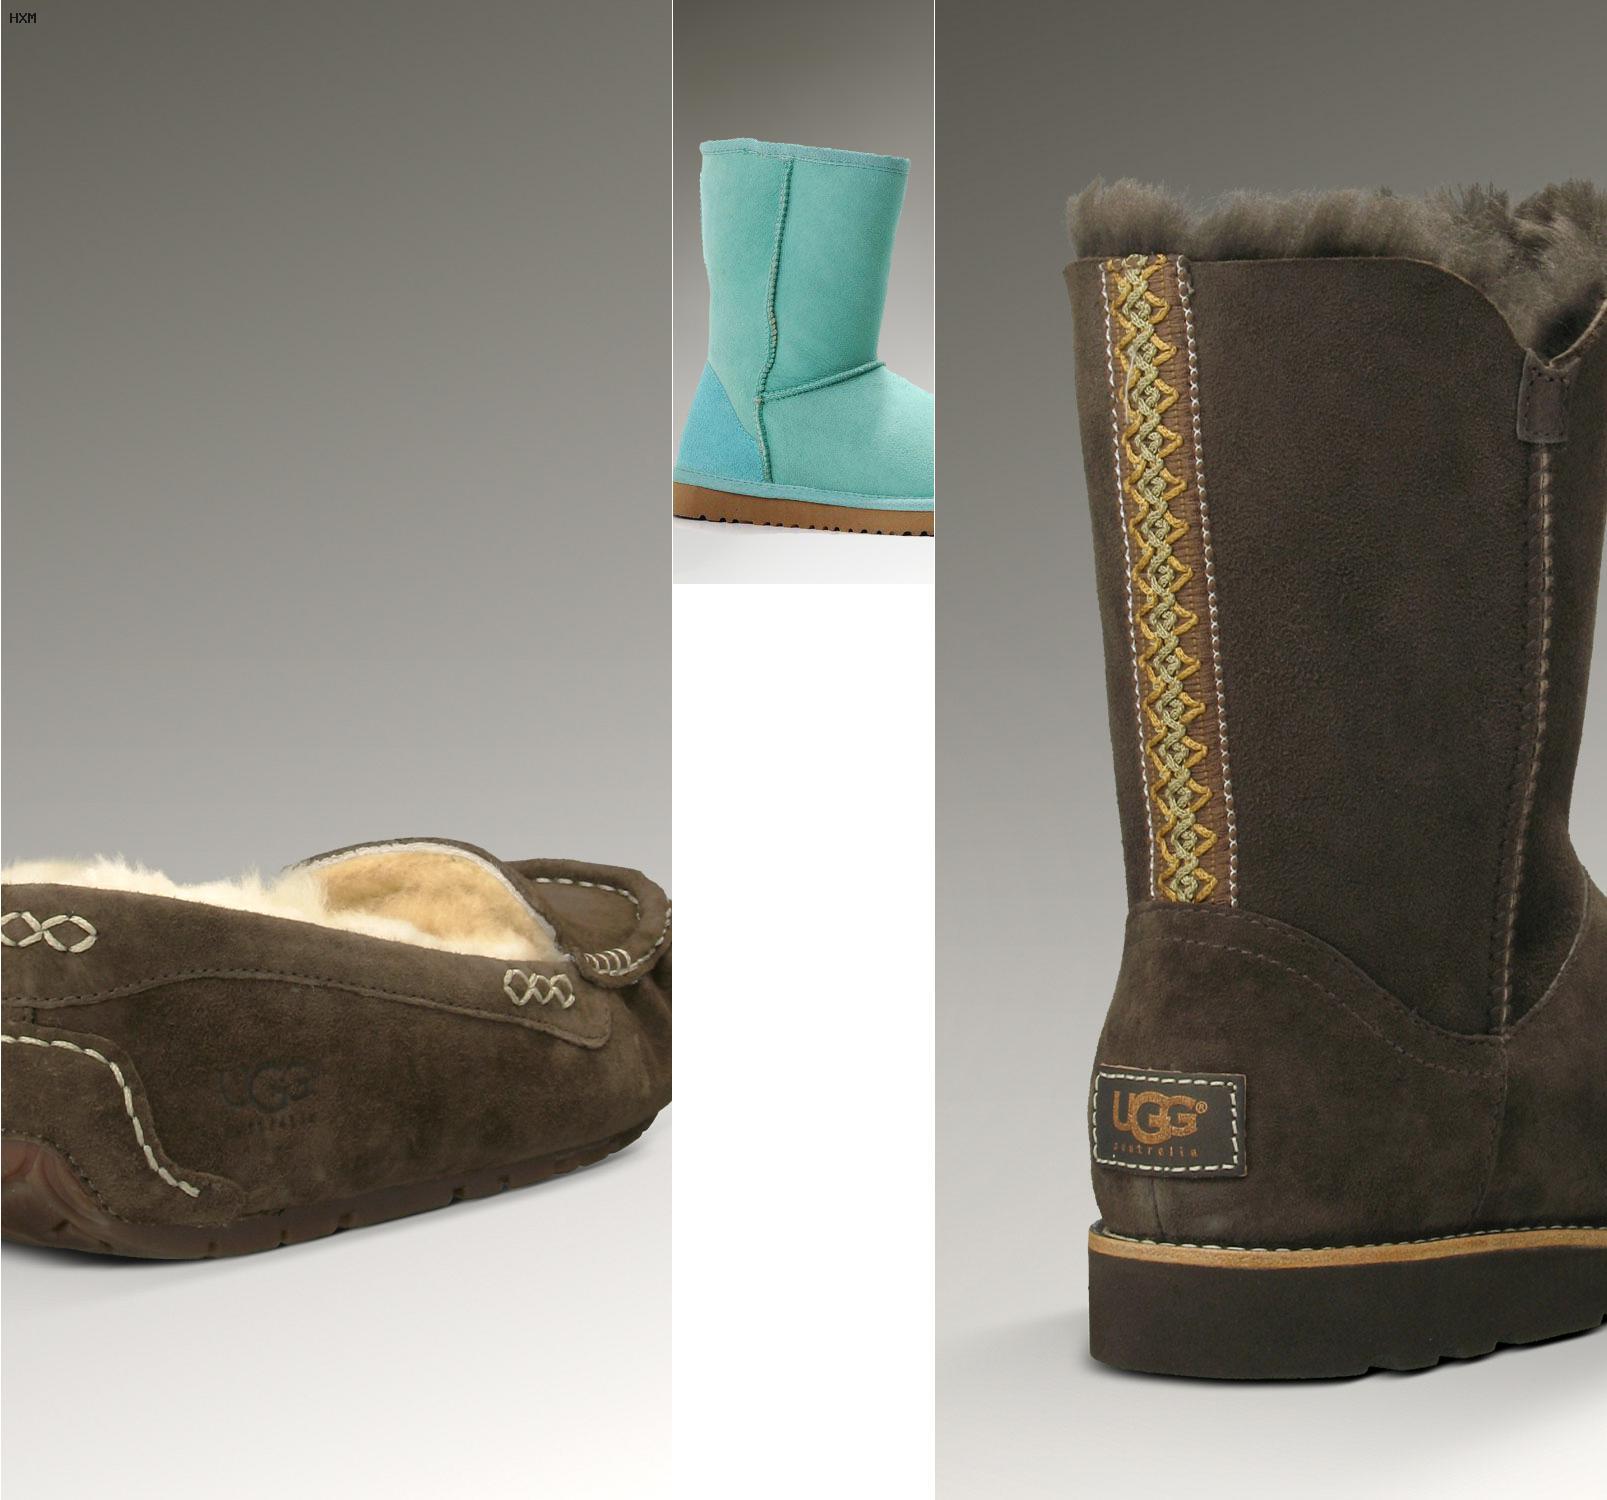 66a9f58a8a6 zapatos ugg bebe